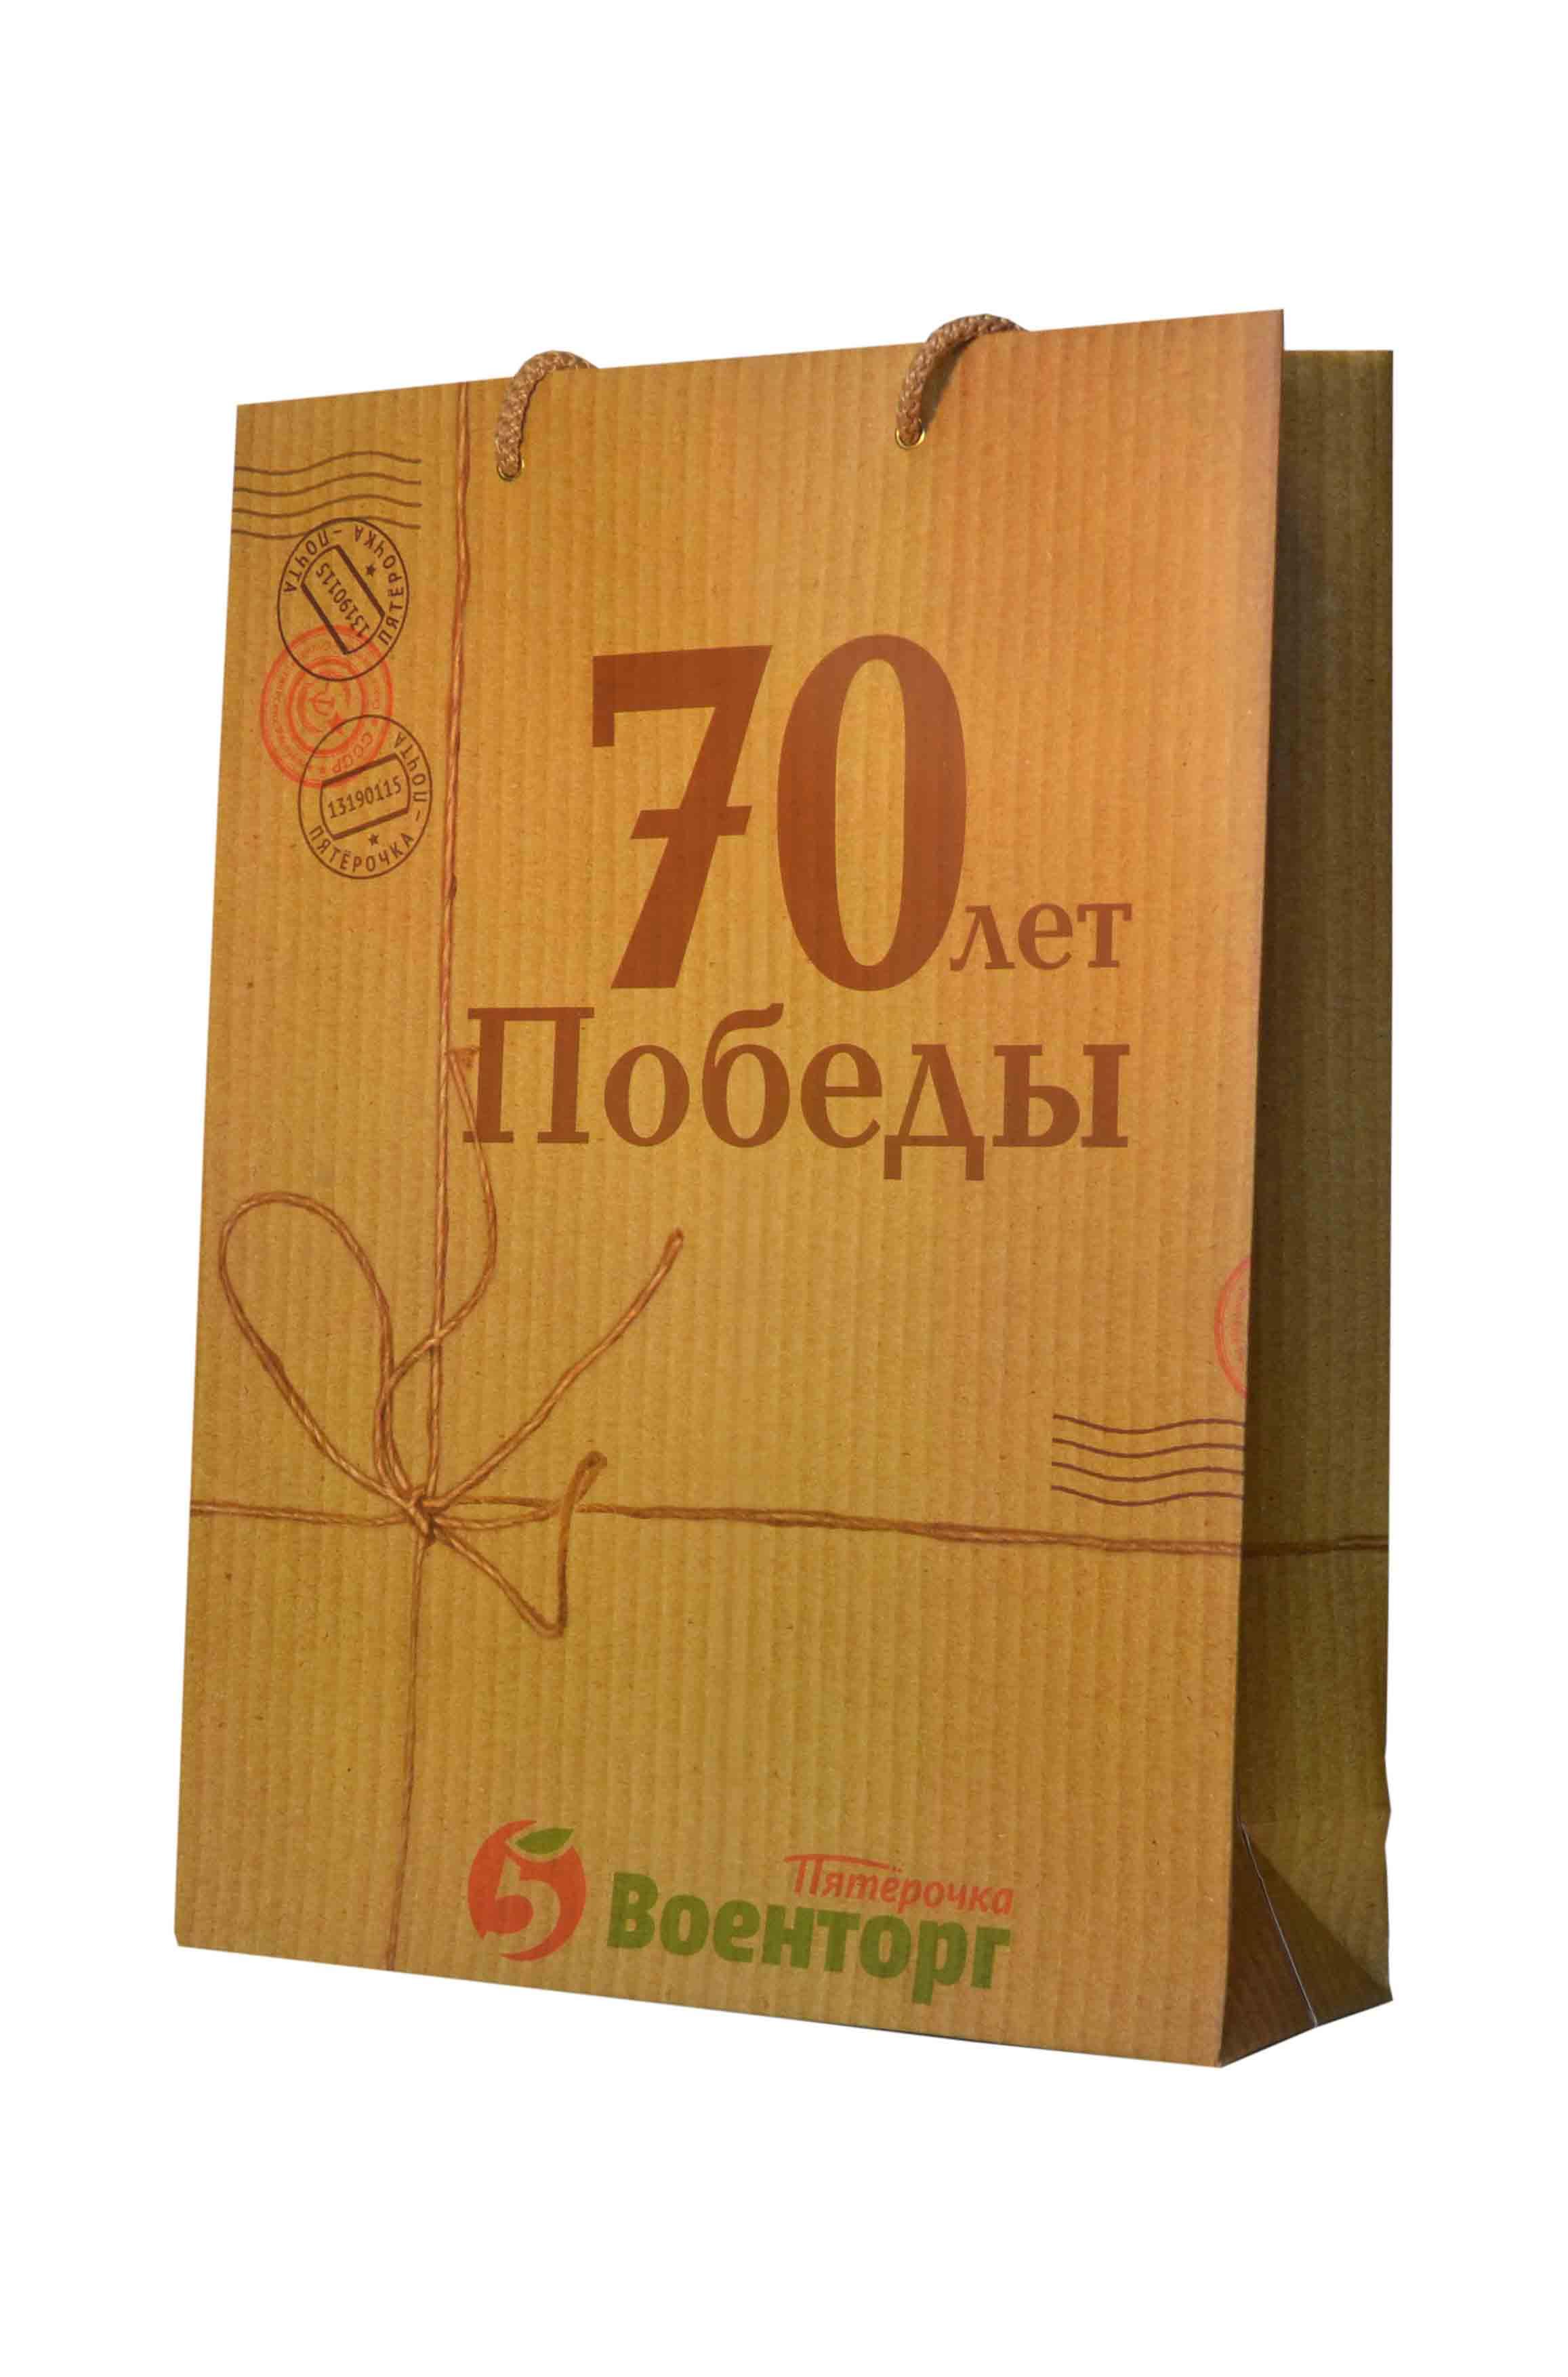 бумажняе пакеты x5 retail group